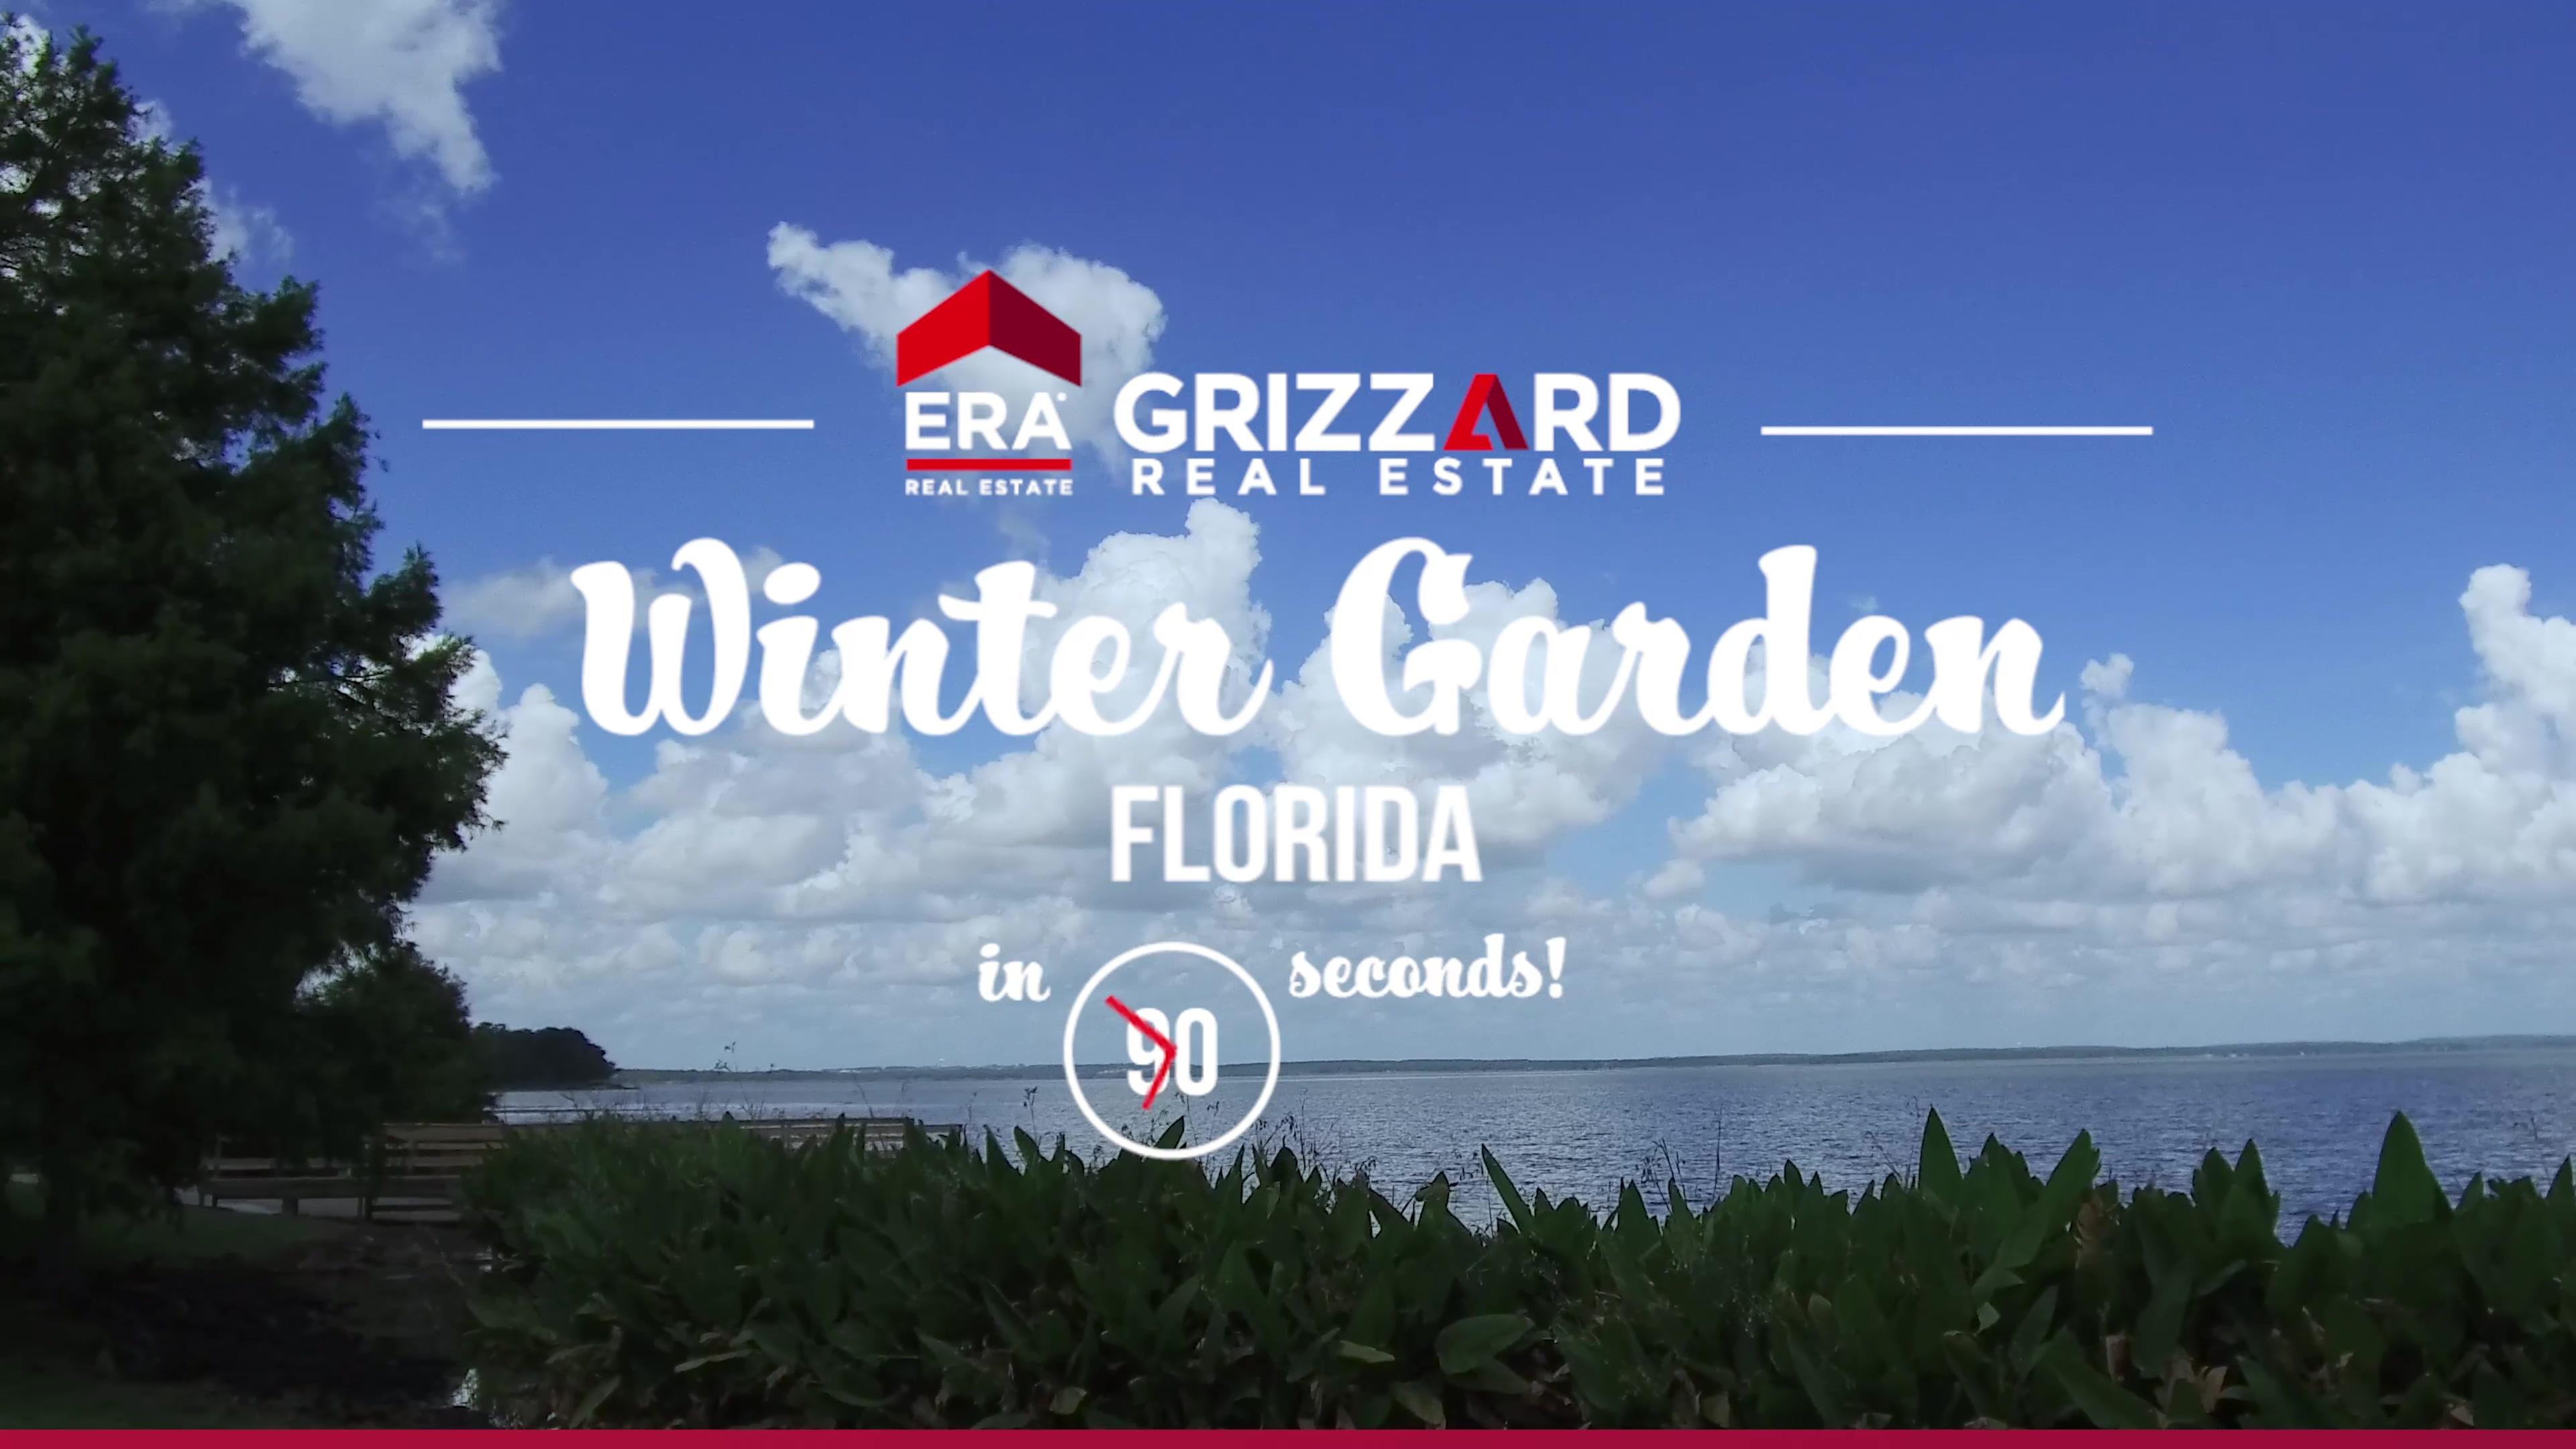 Explore Downtown Winter Garden in 90 Seconds